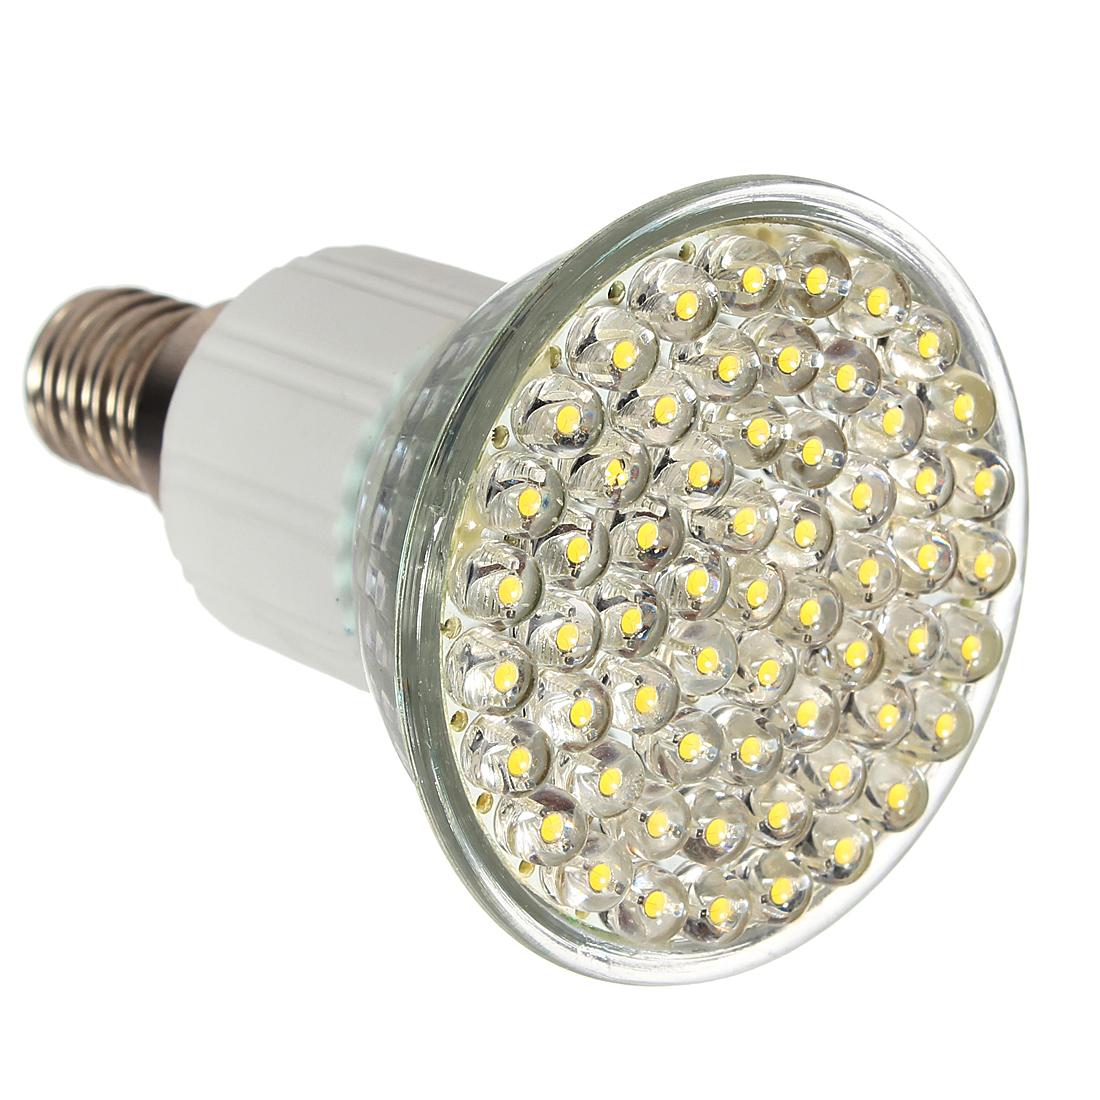 ampoule e14 es r50 60 led 3w douille culot blanc chaud spot 220v neuf achat vente ampoule. Black Bedroom Furniture Sets. Home Design Ideas